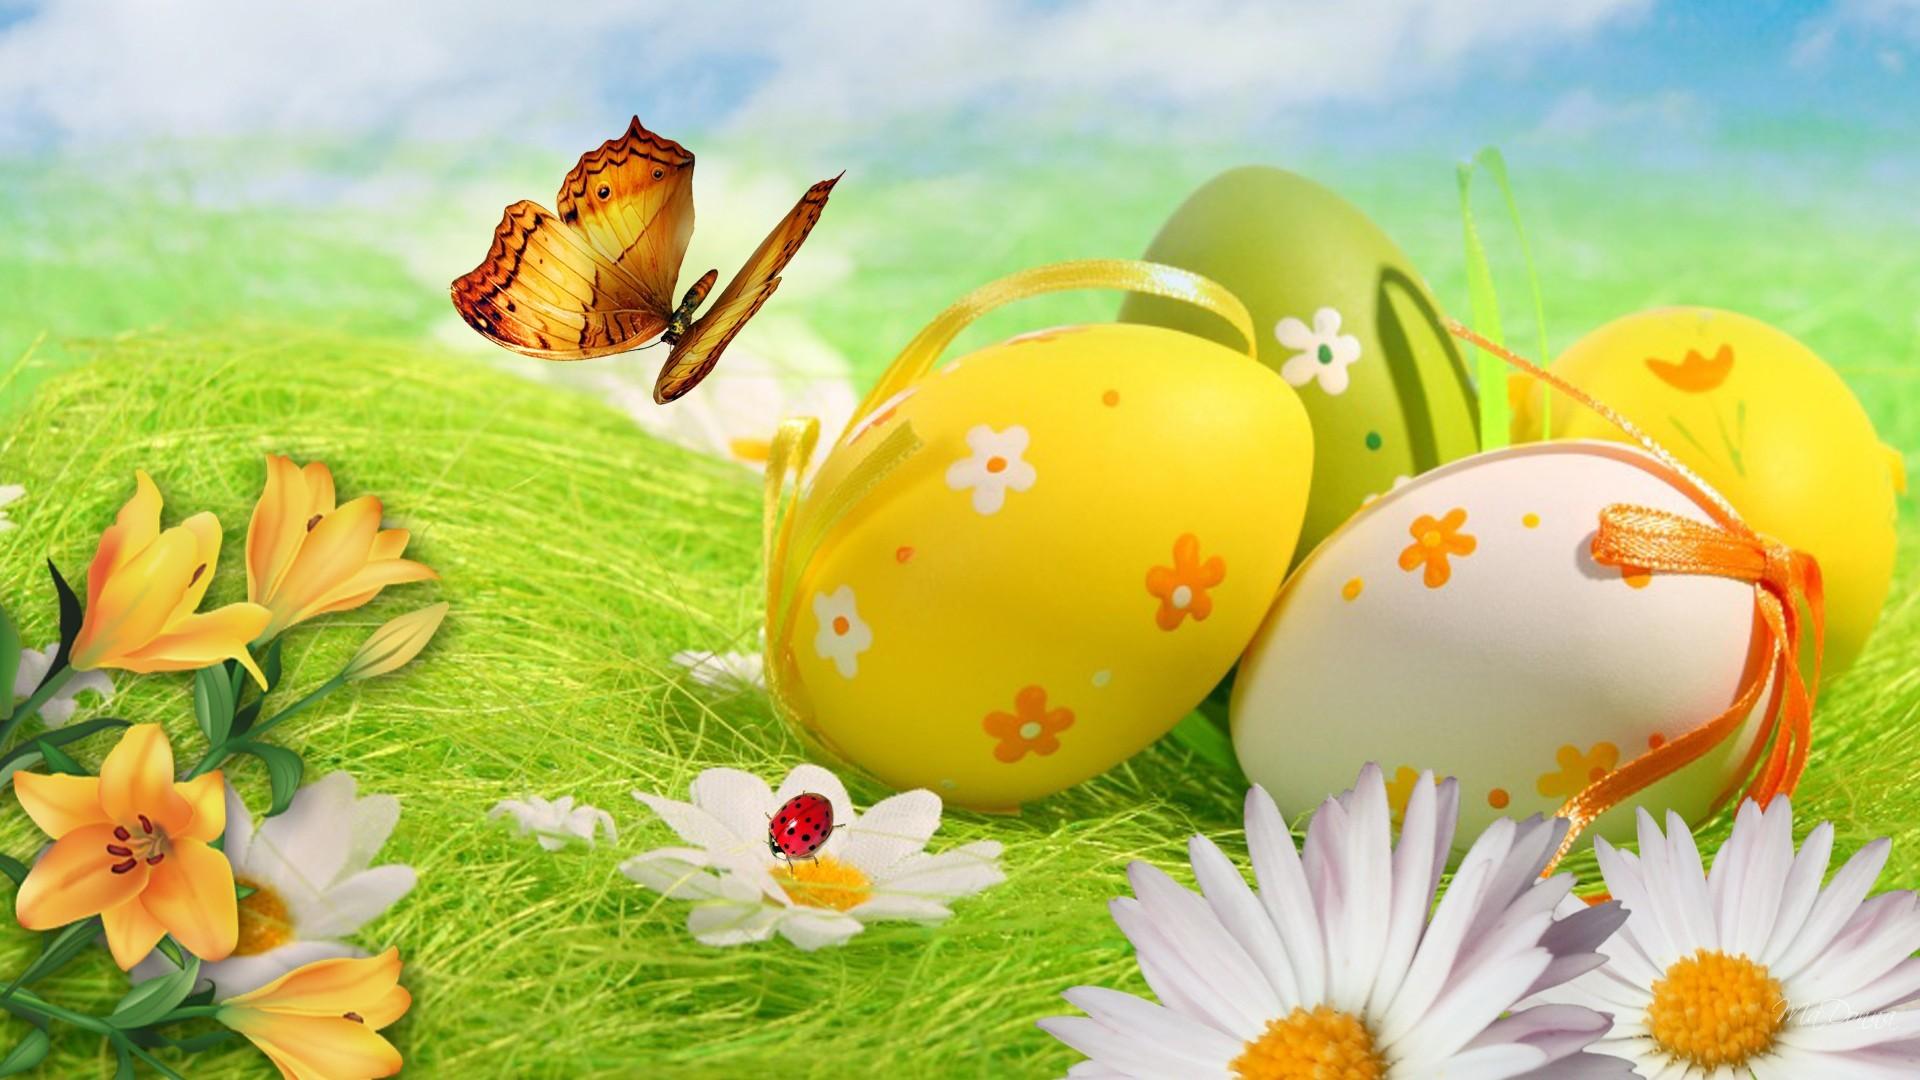 Easter Egg Wallpaper Desktop ·① WallpaperTag